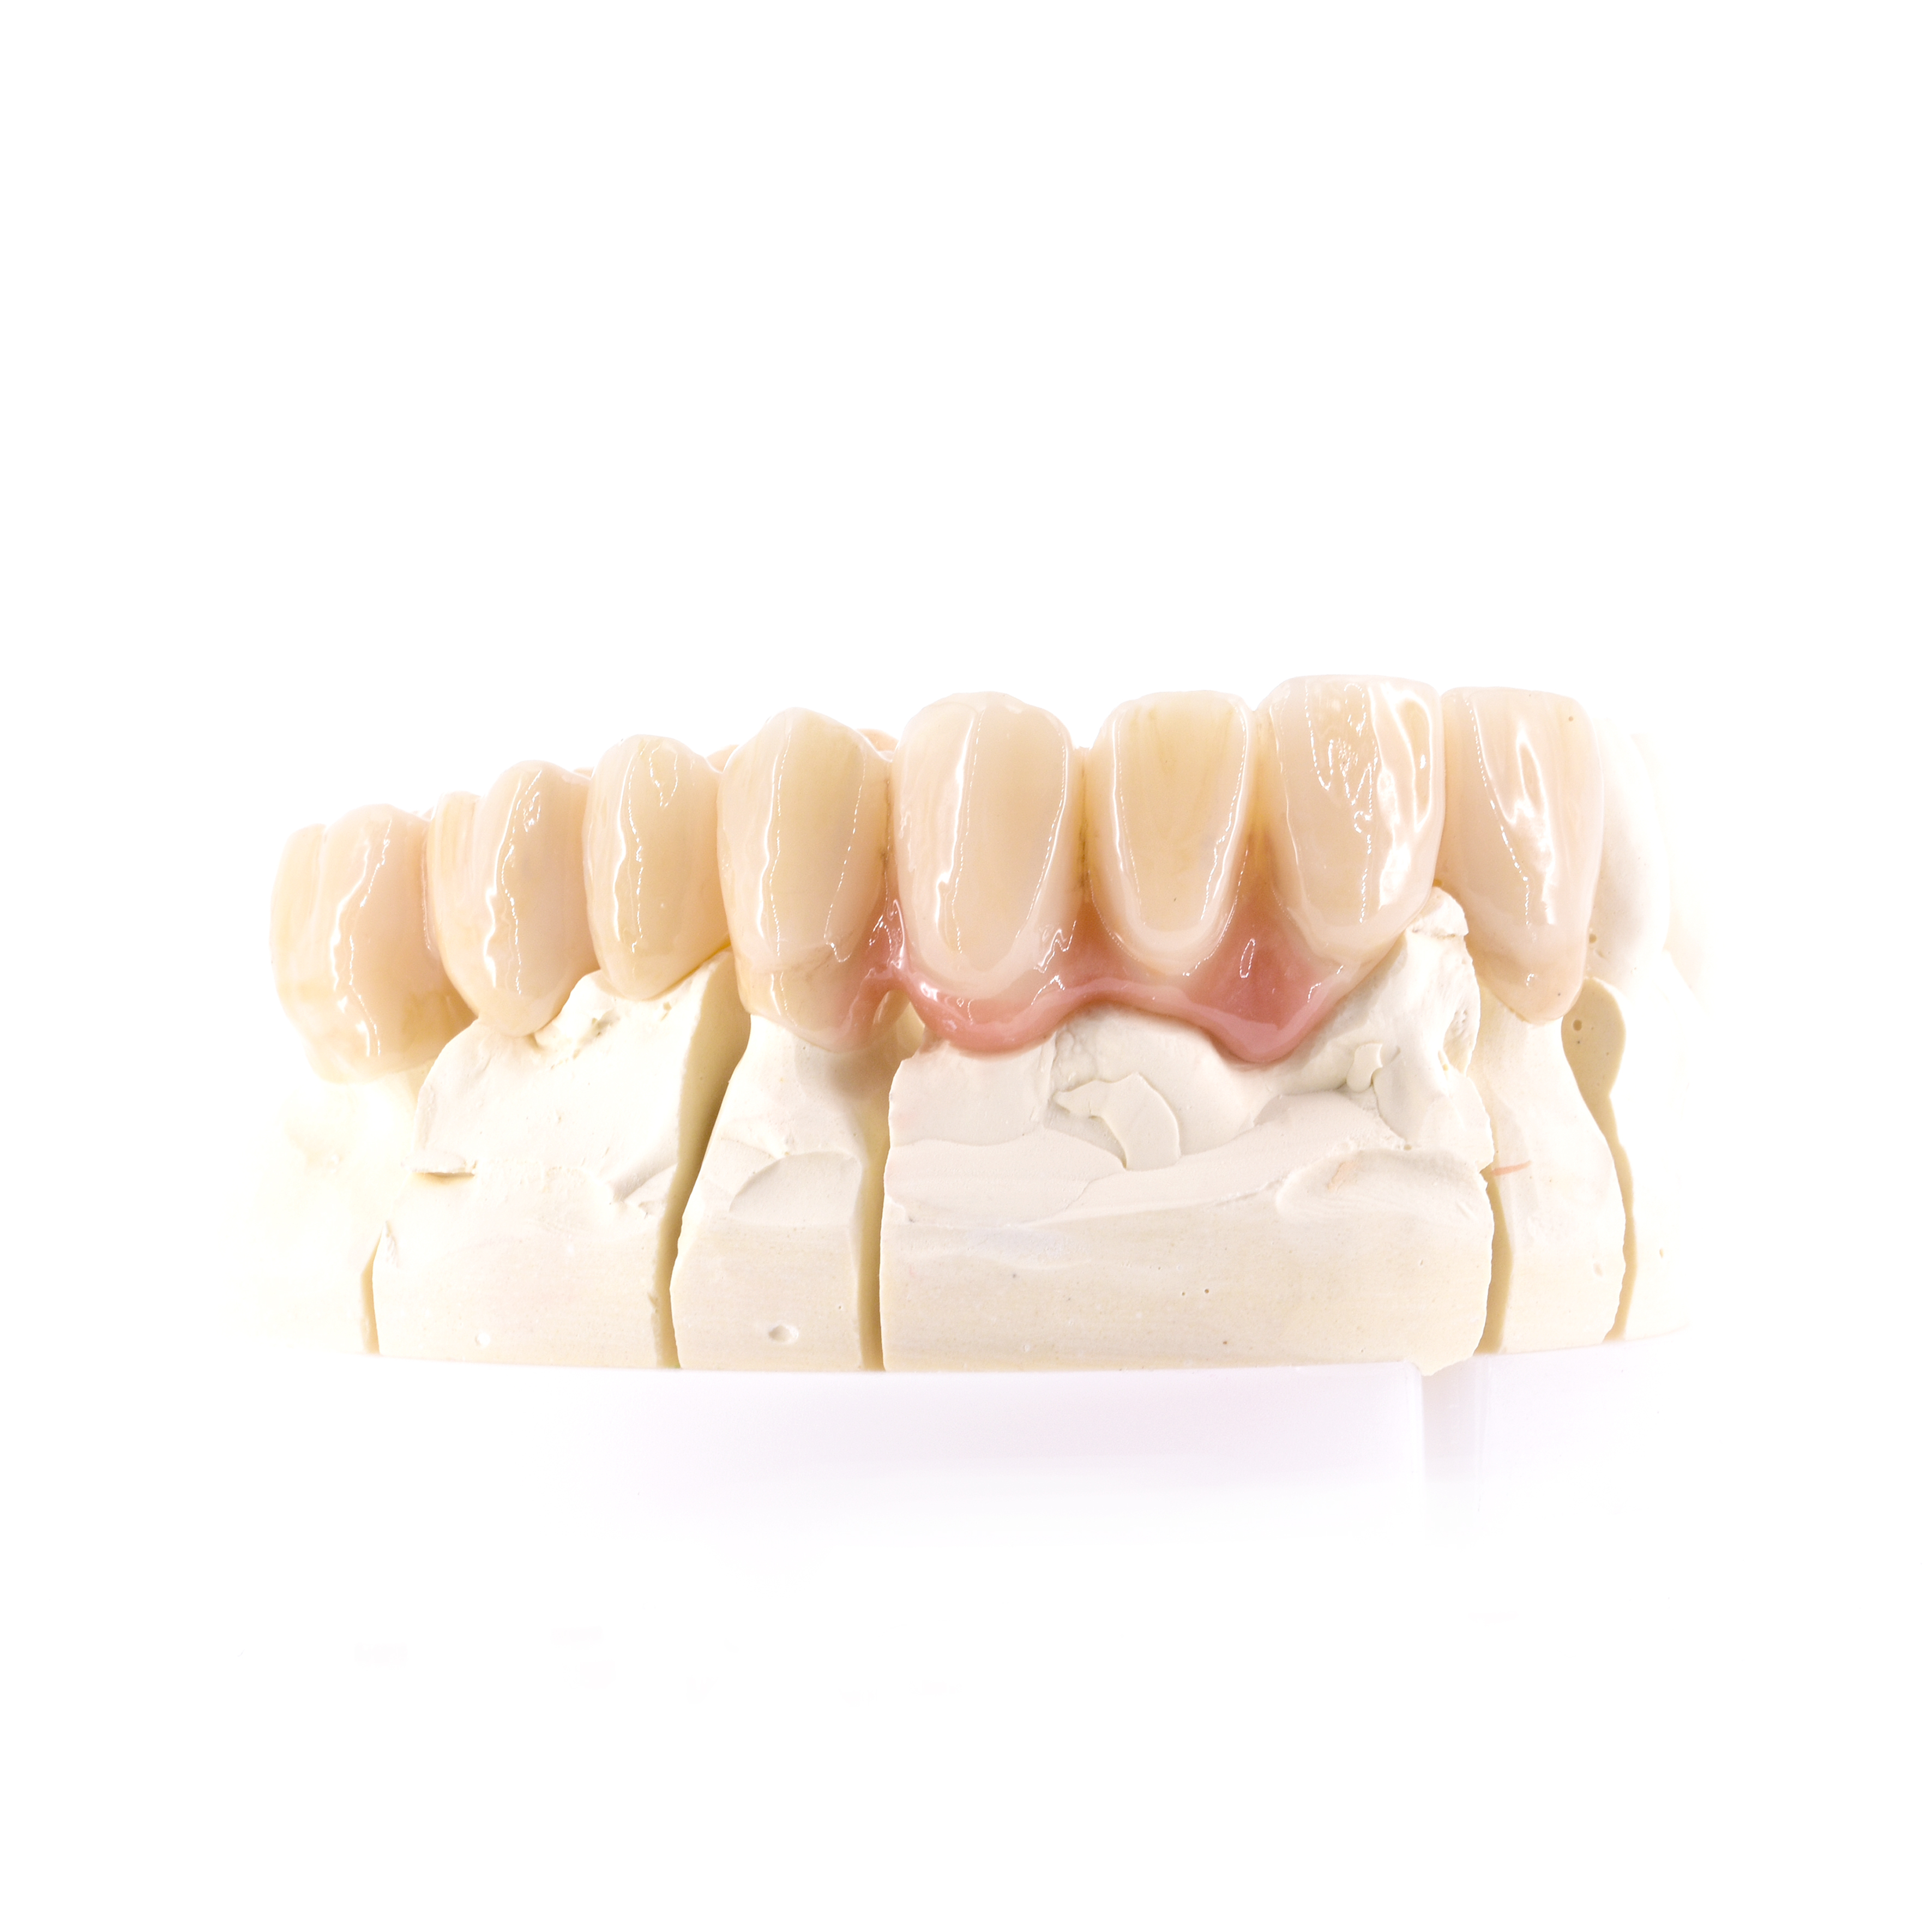 Zahnzentrum-weiden-Zahnersatz